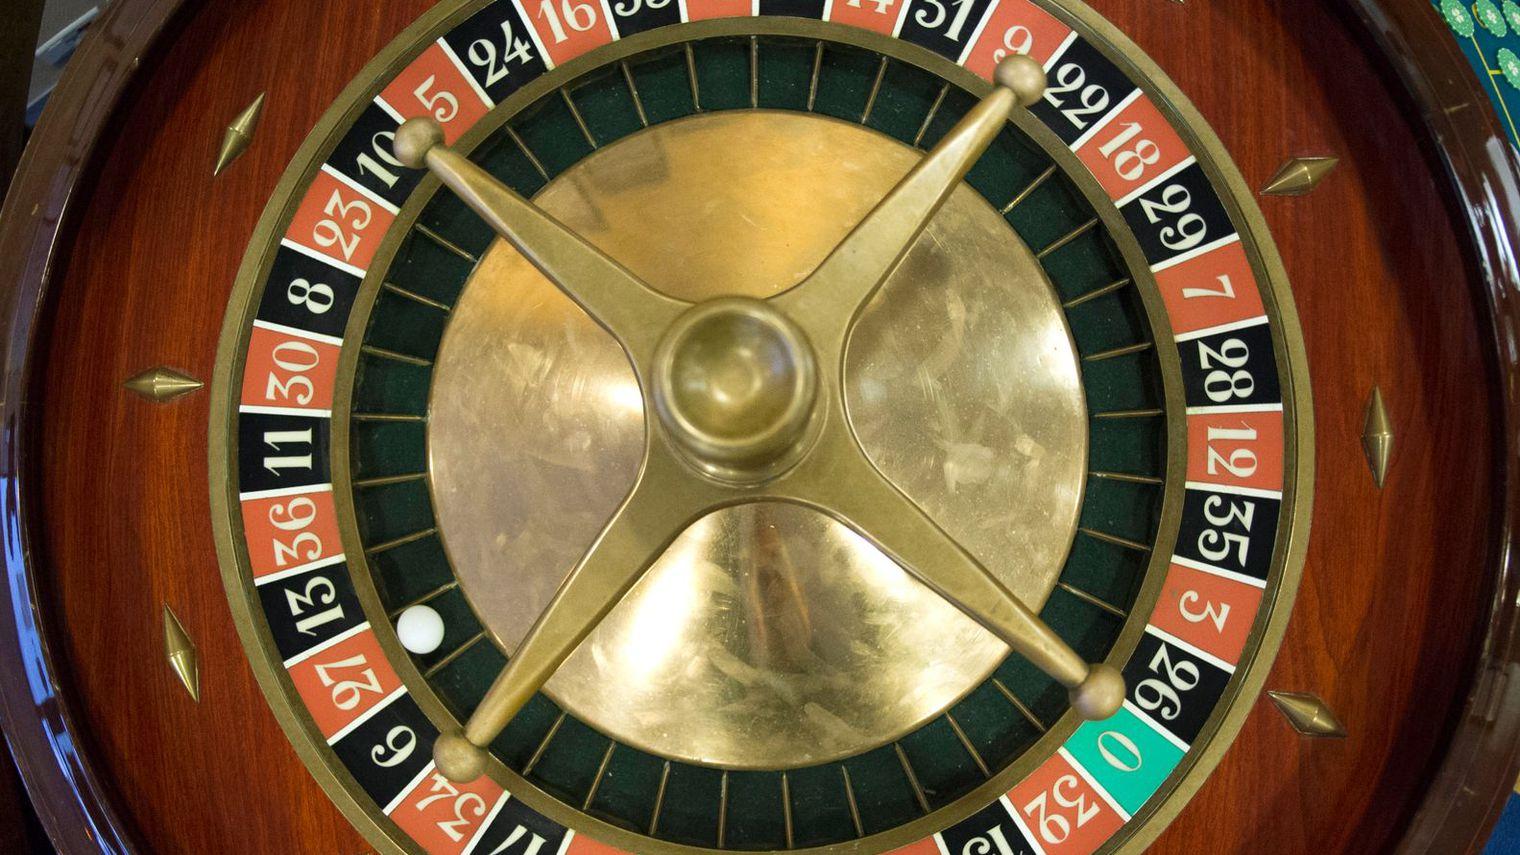 imagestop-casino-en-ligne-100.jpg